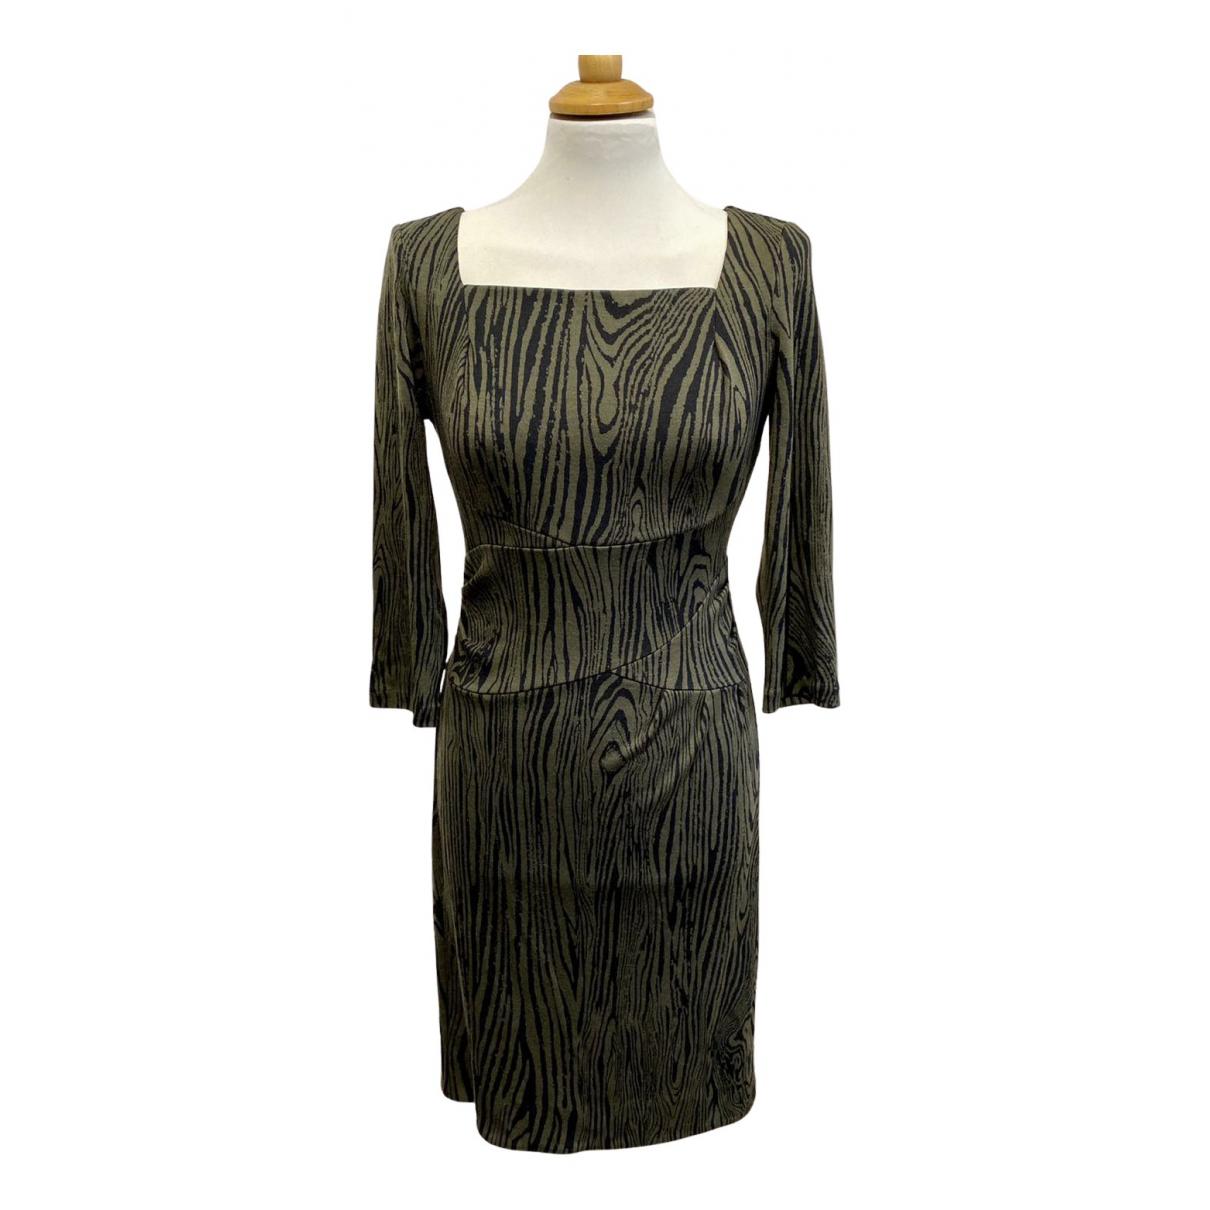 Diane Von Furstenberg N Green Wool dress for Women 4 US